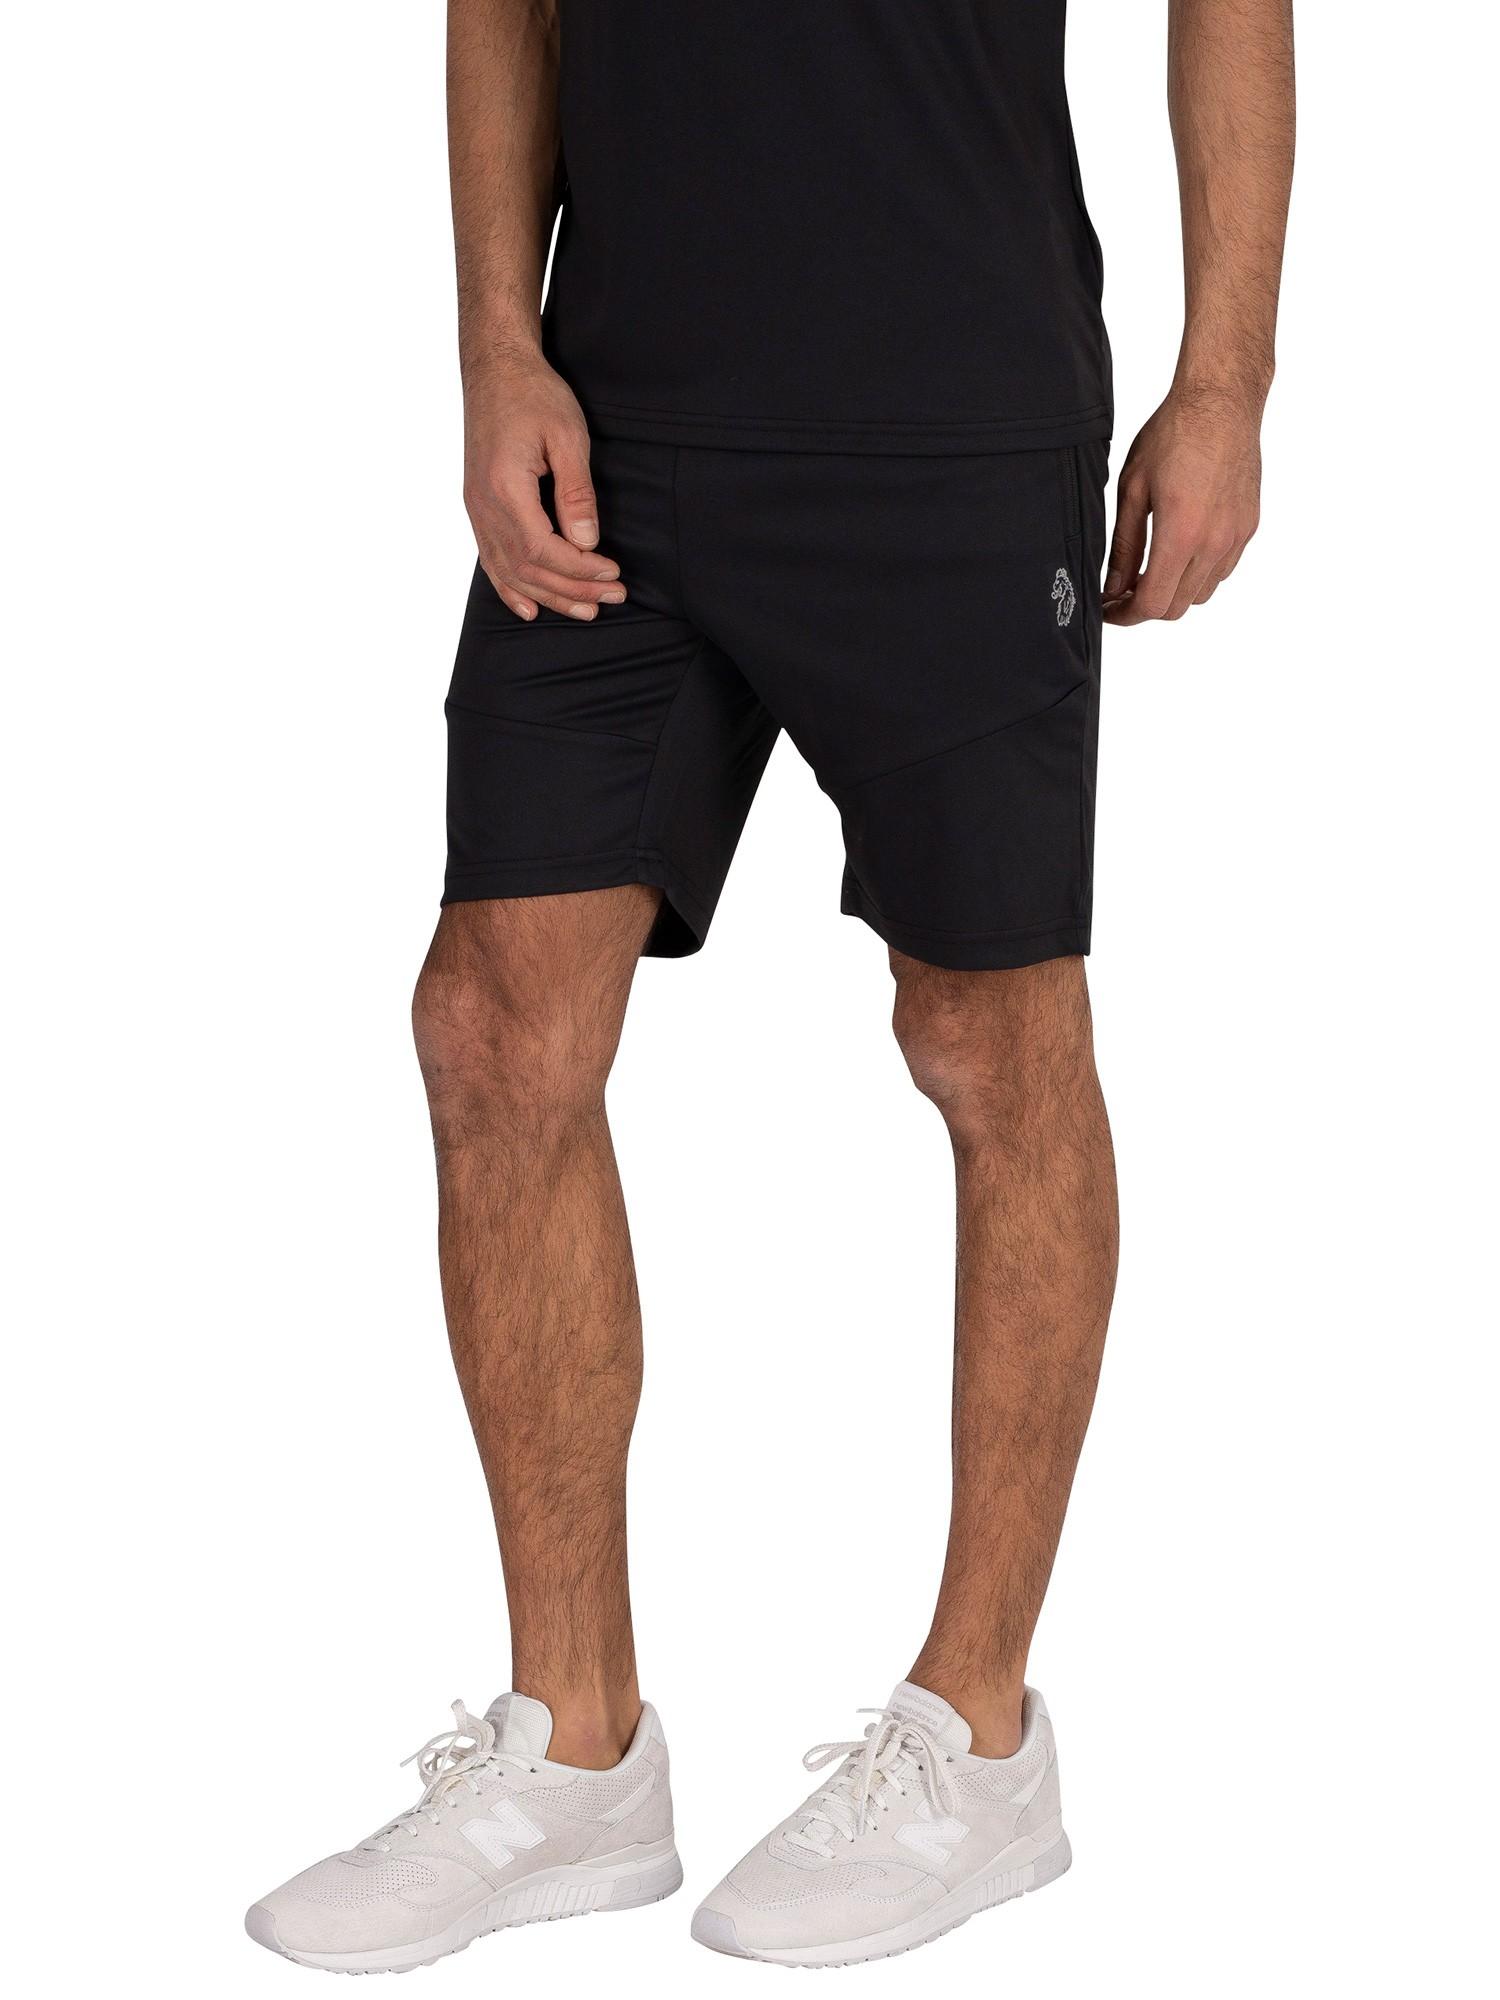 Squatt-Sweat-Shorts